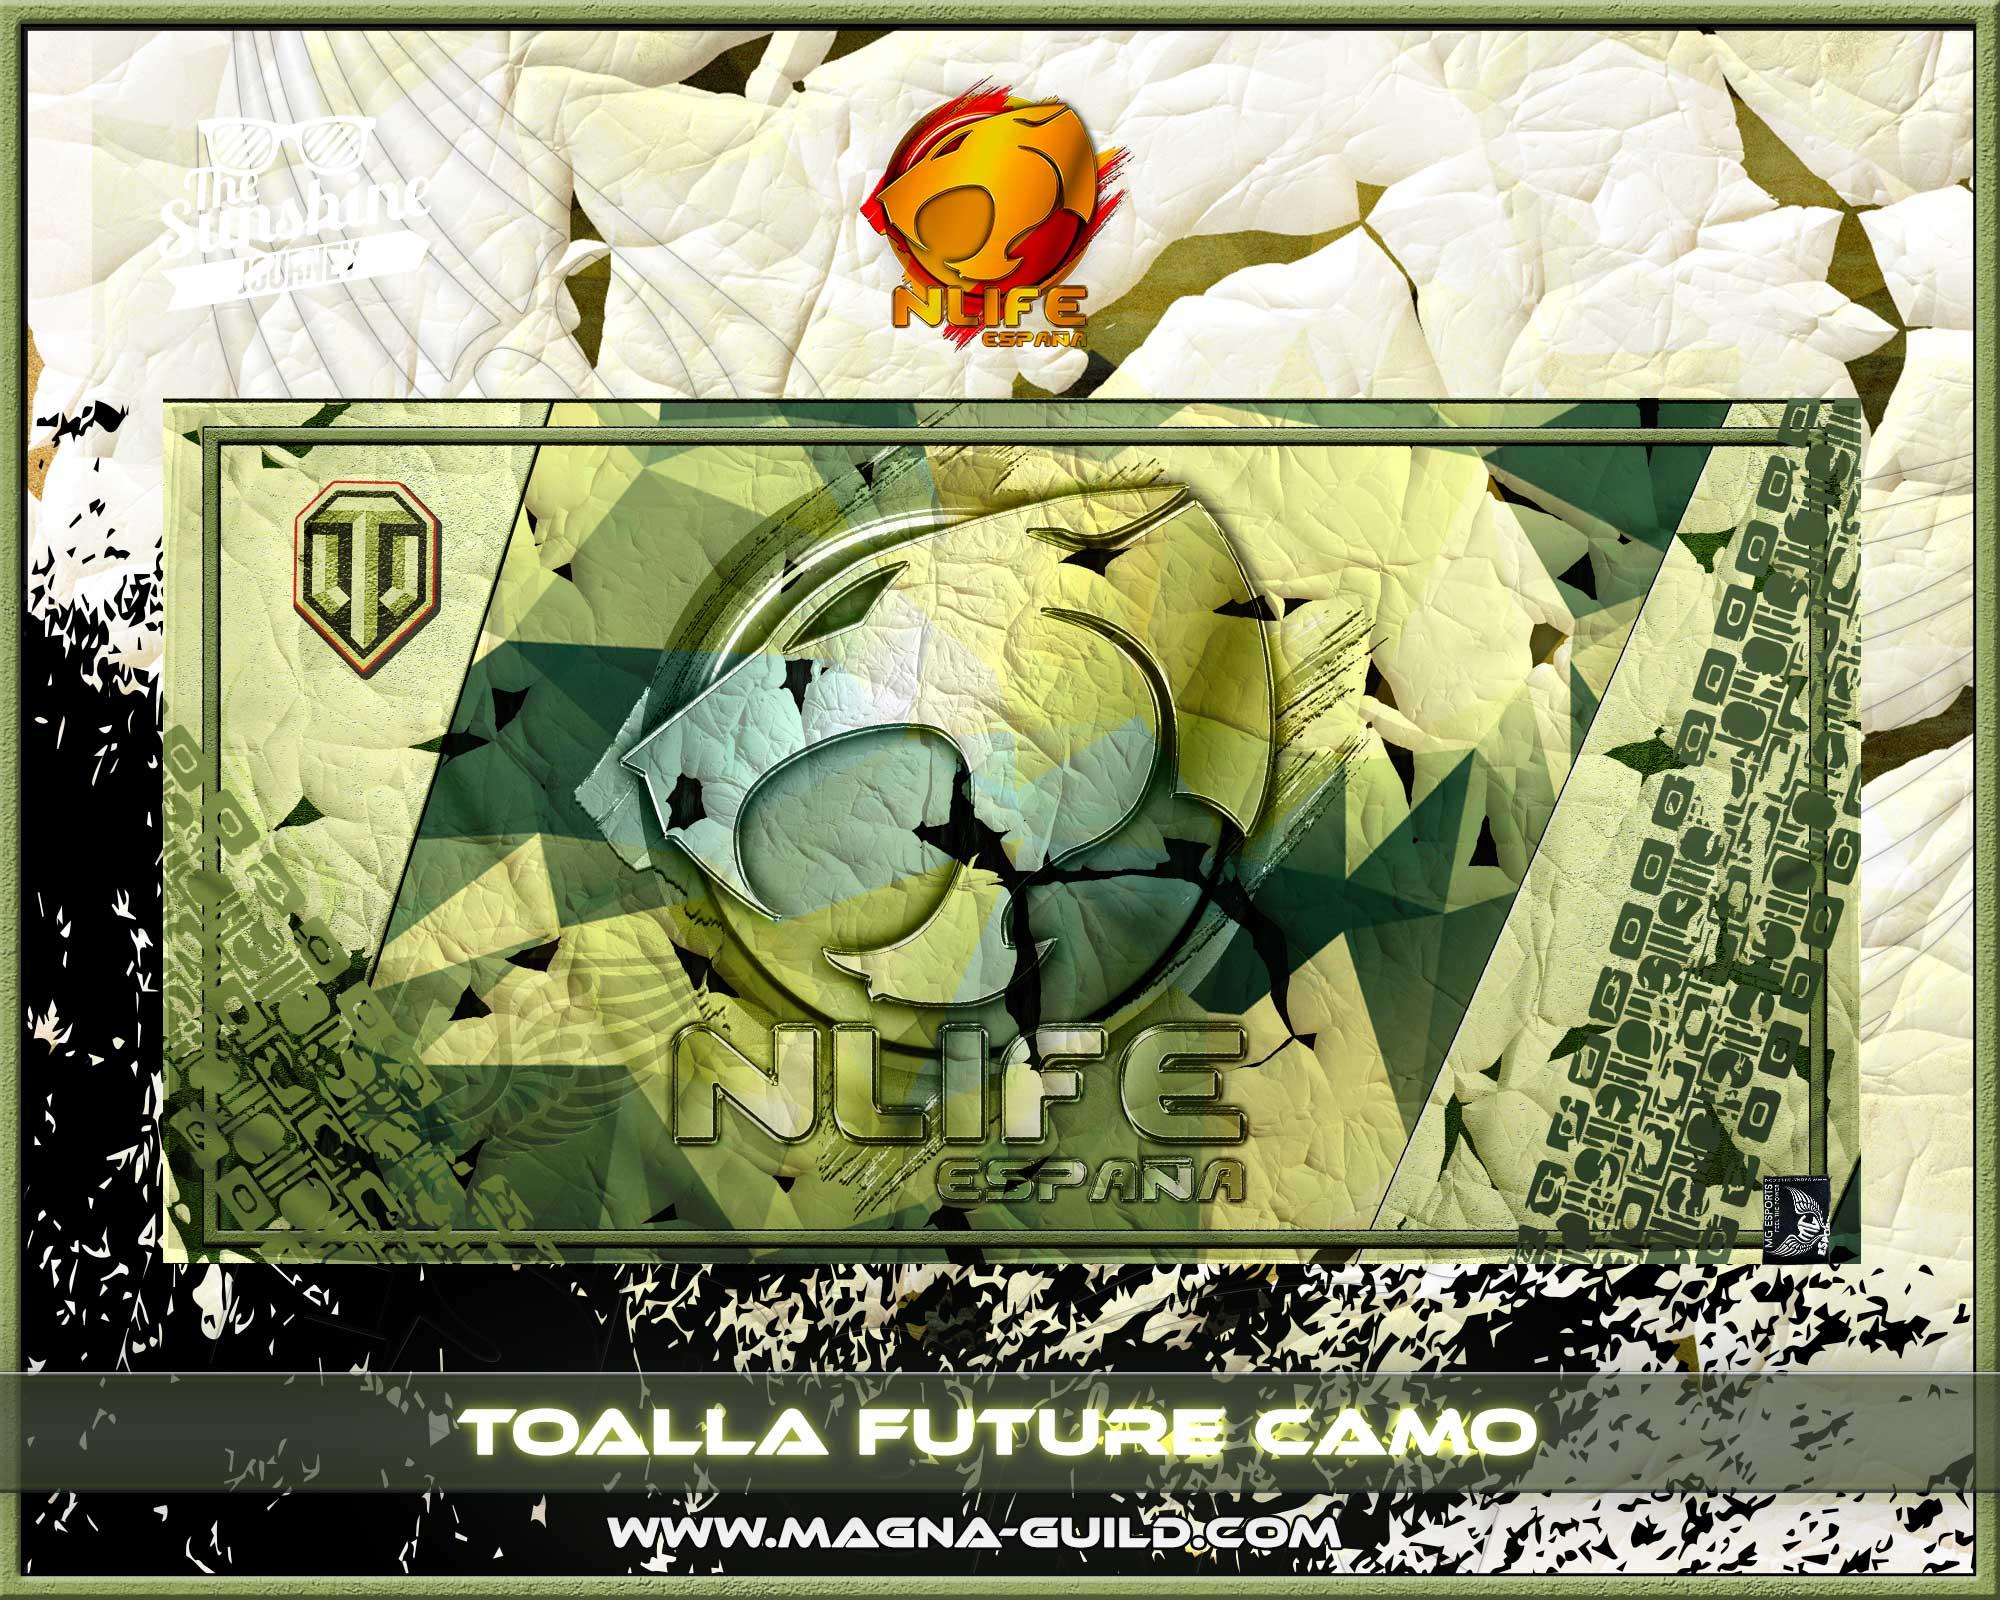 Toalla Future Camo